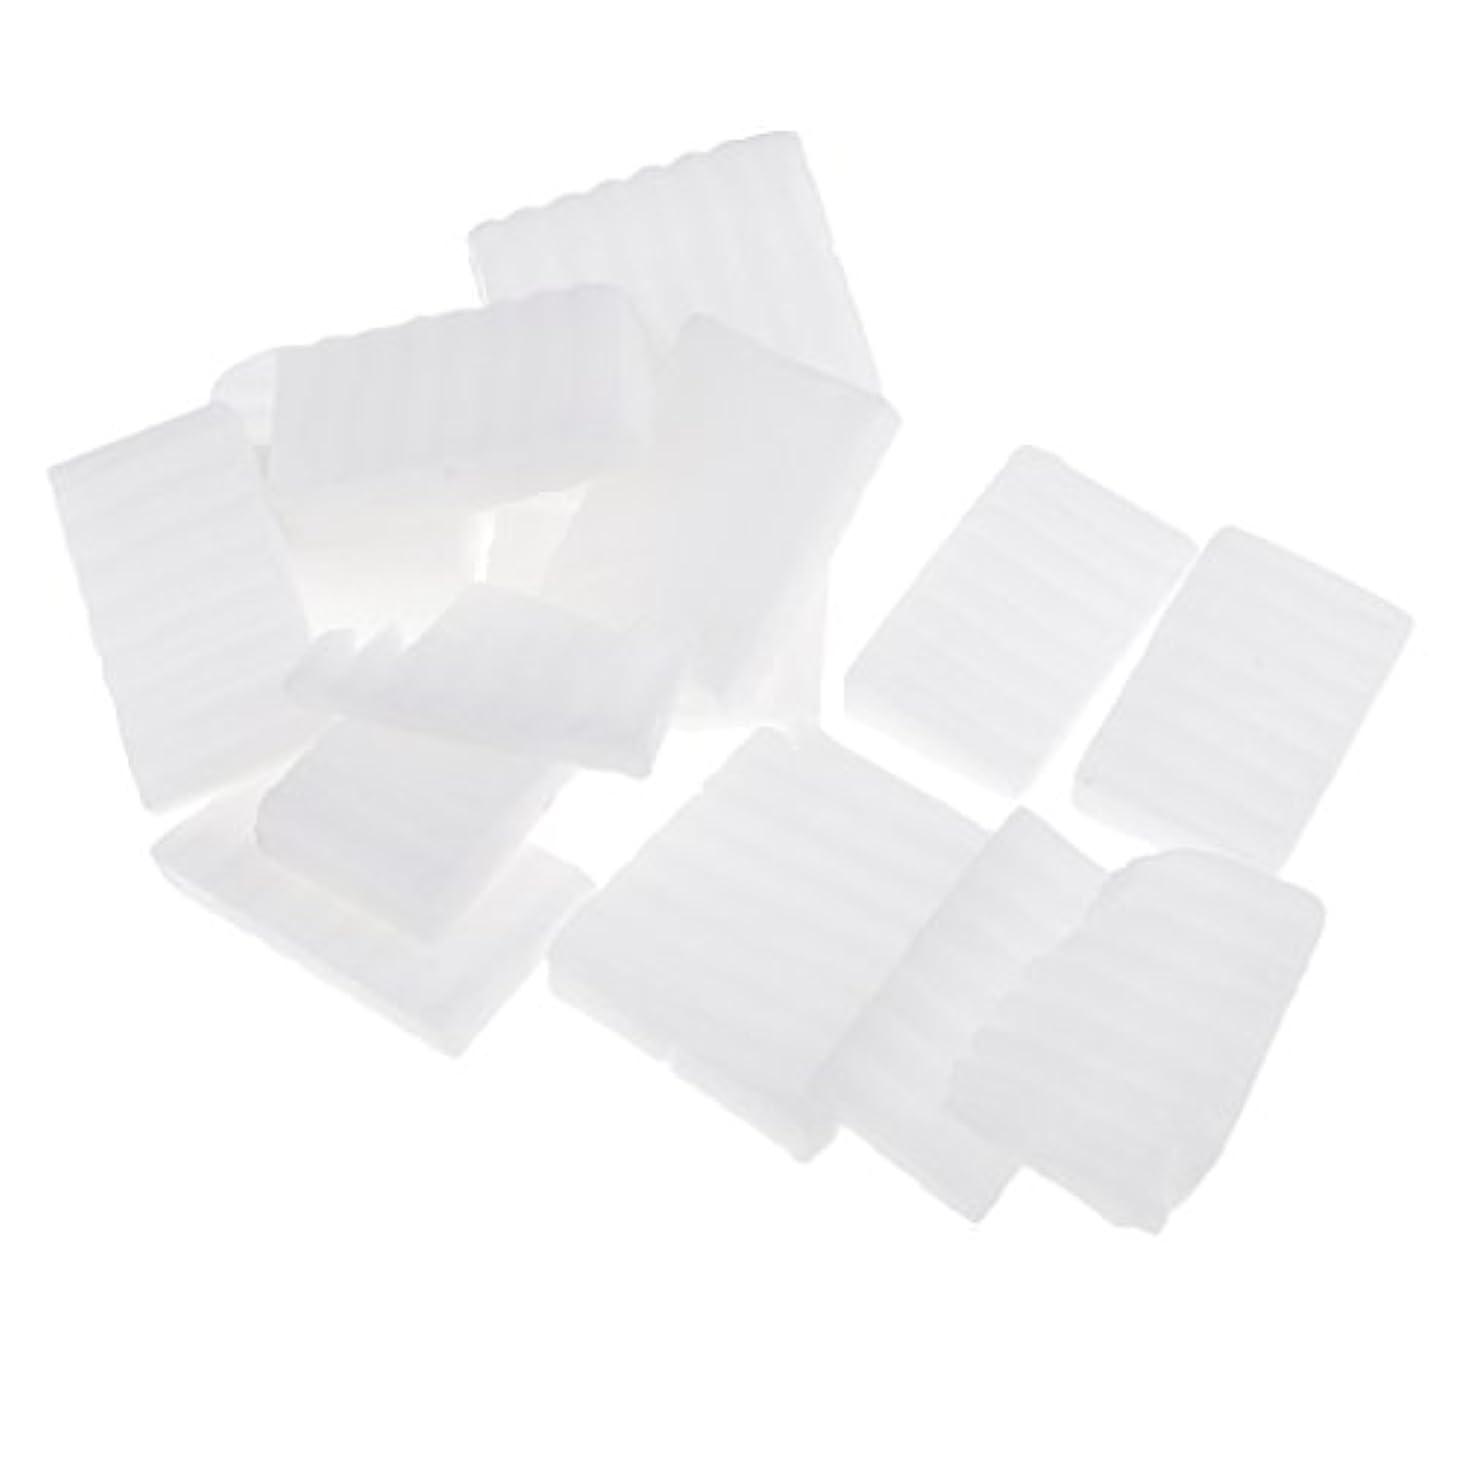 タヒチギャロップ静かなPerfeclan 約500g ホワイト 石鹸ベース DIY 手作り 石鹸 材料